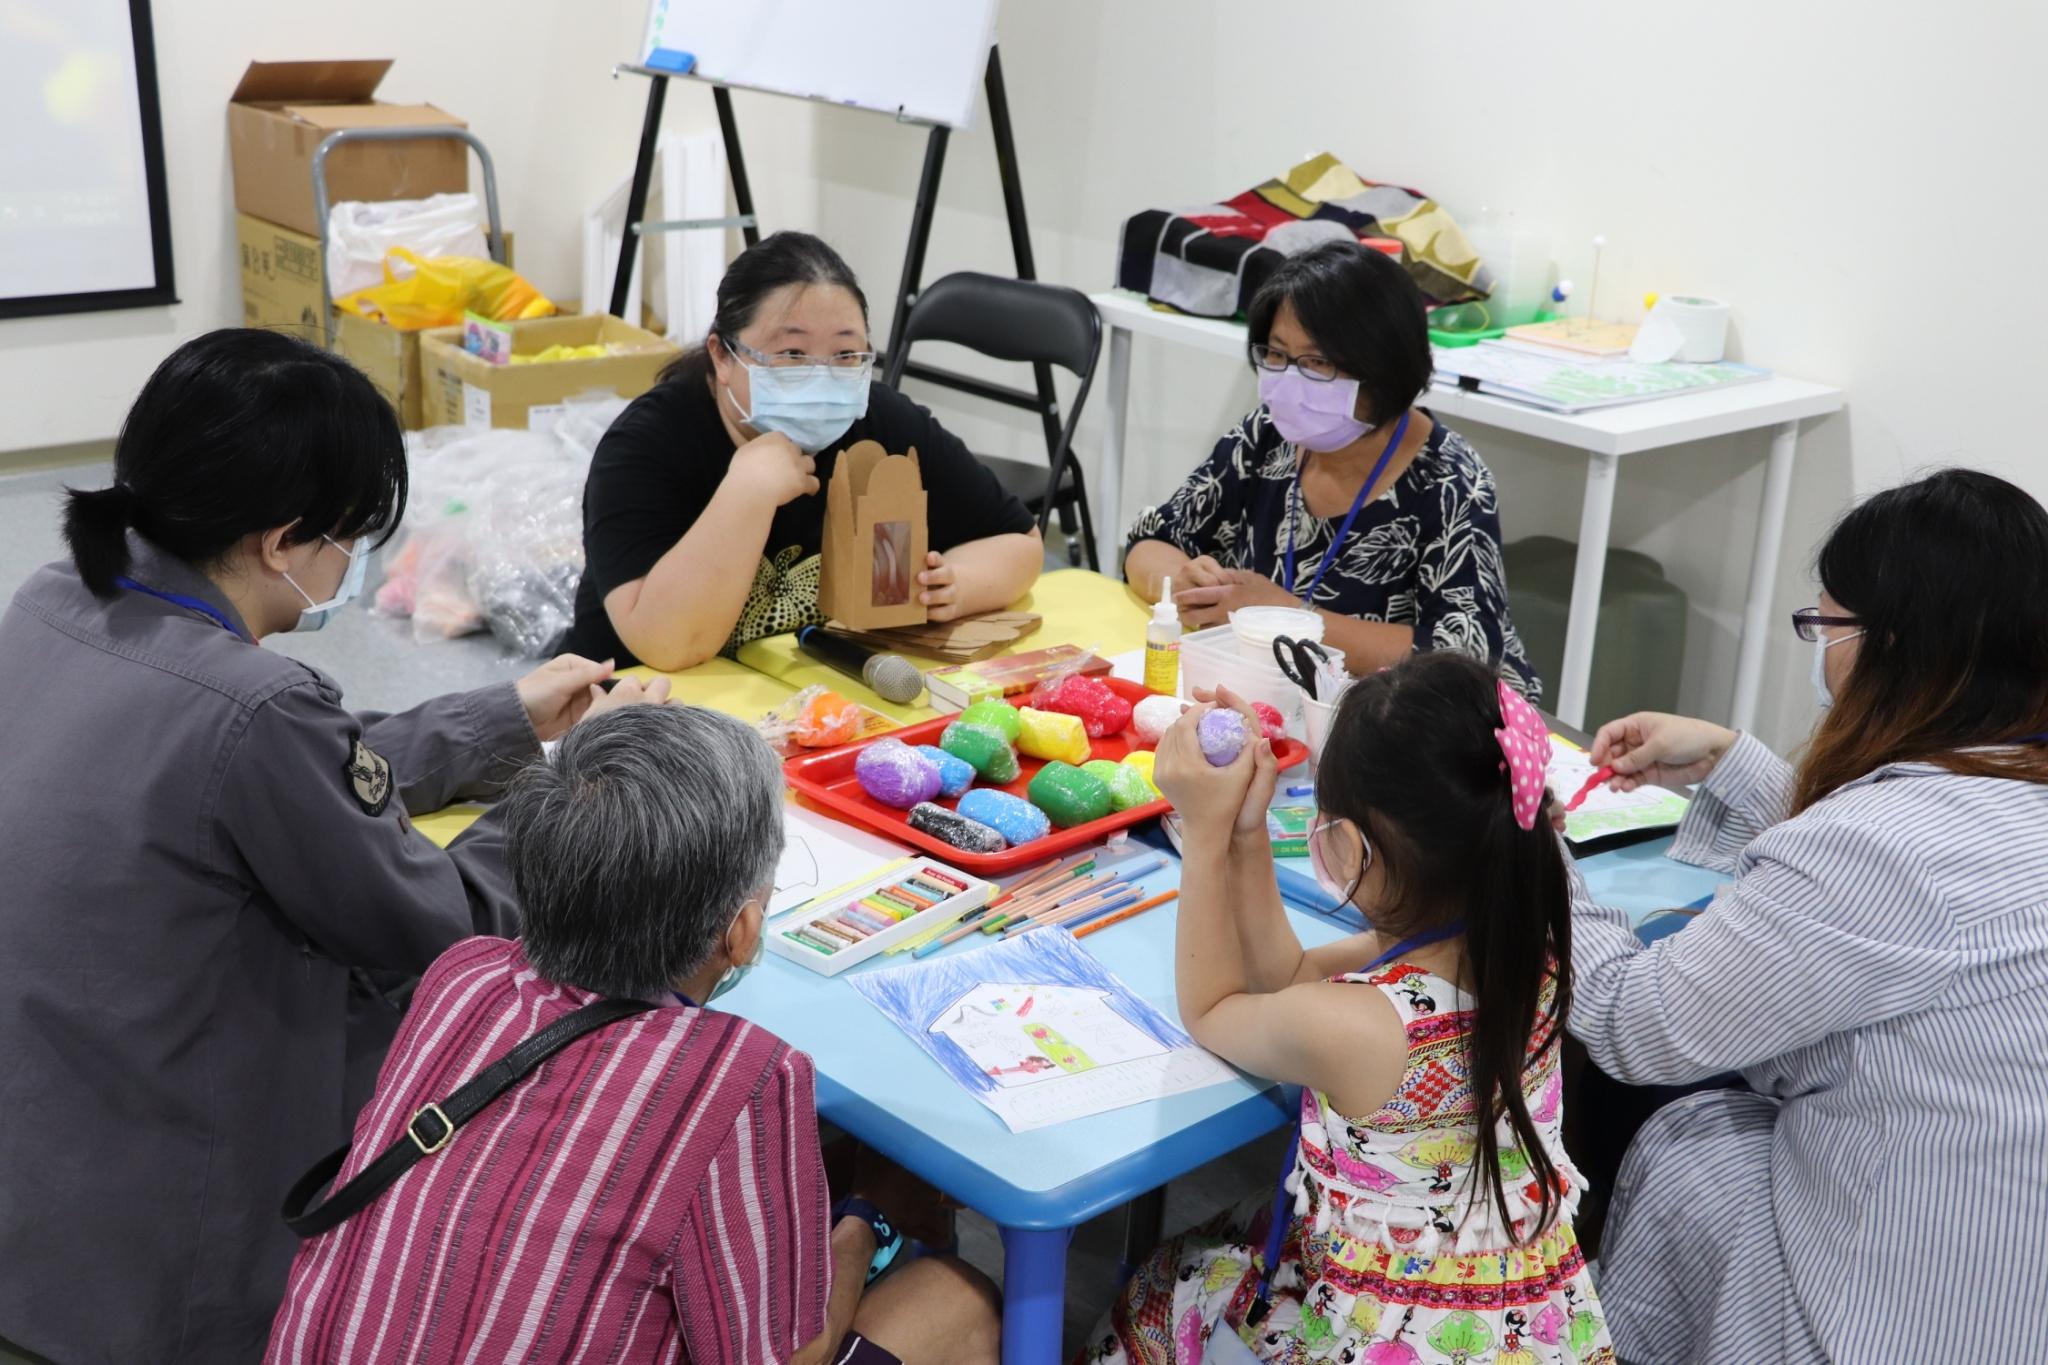 吳欣致藝術治療師引導家庭學員分享對家的回憶。